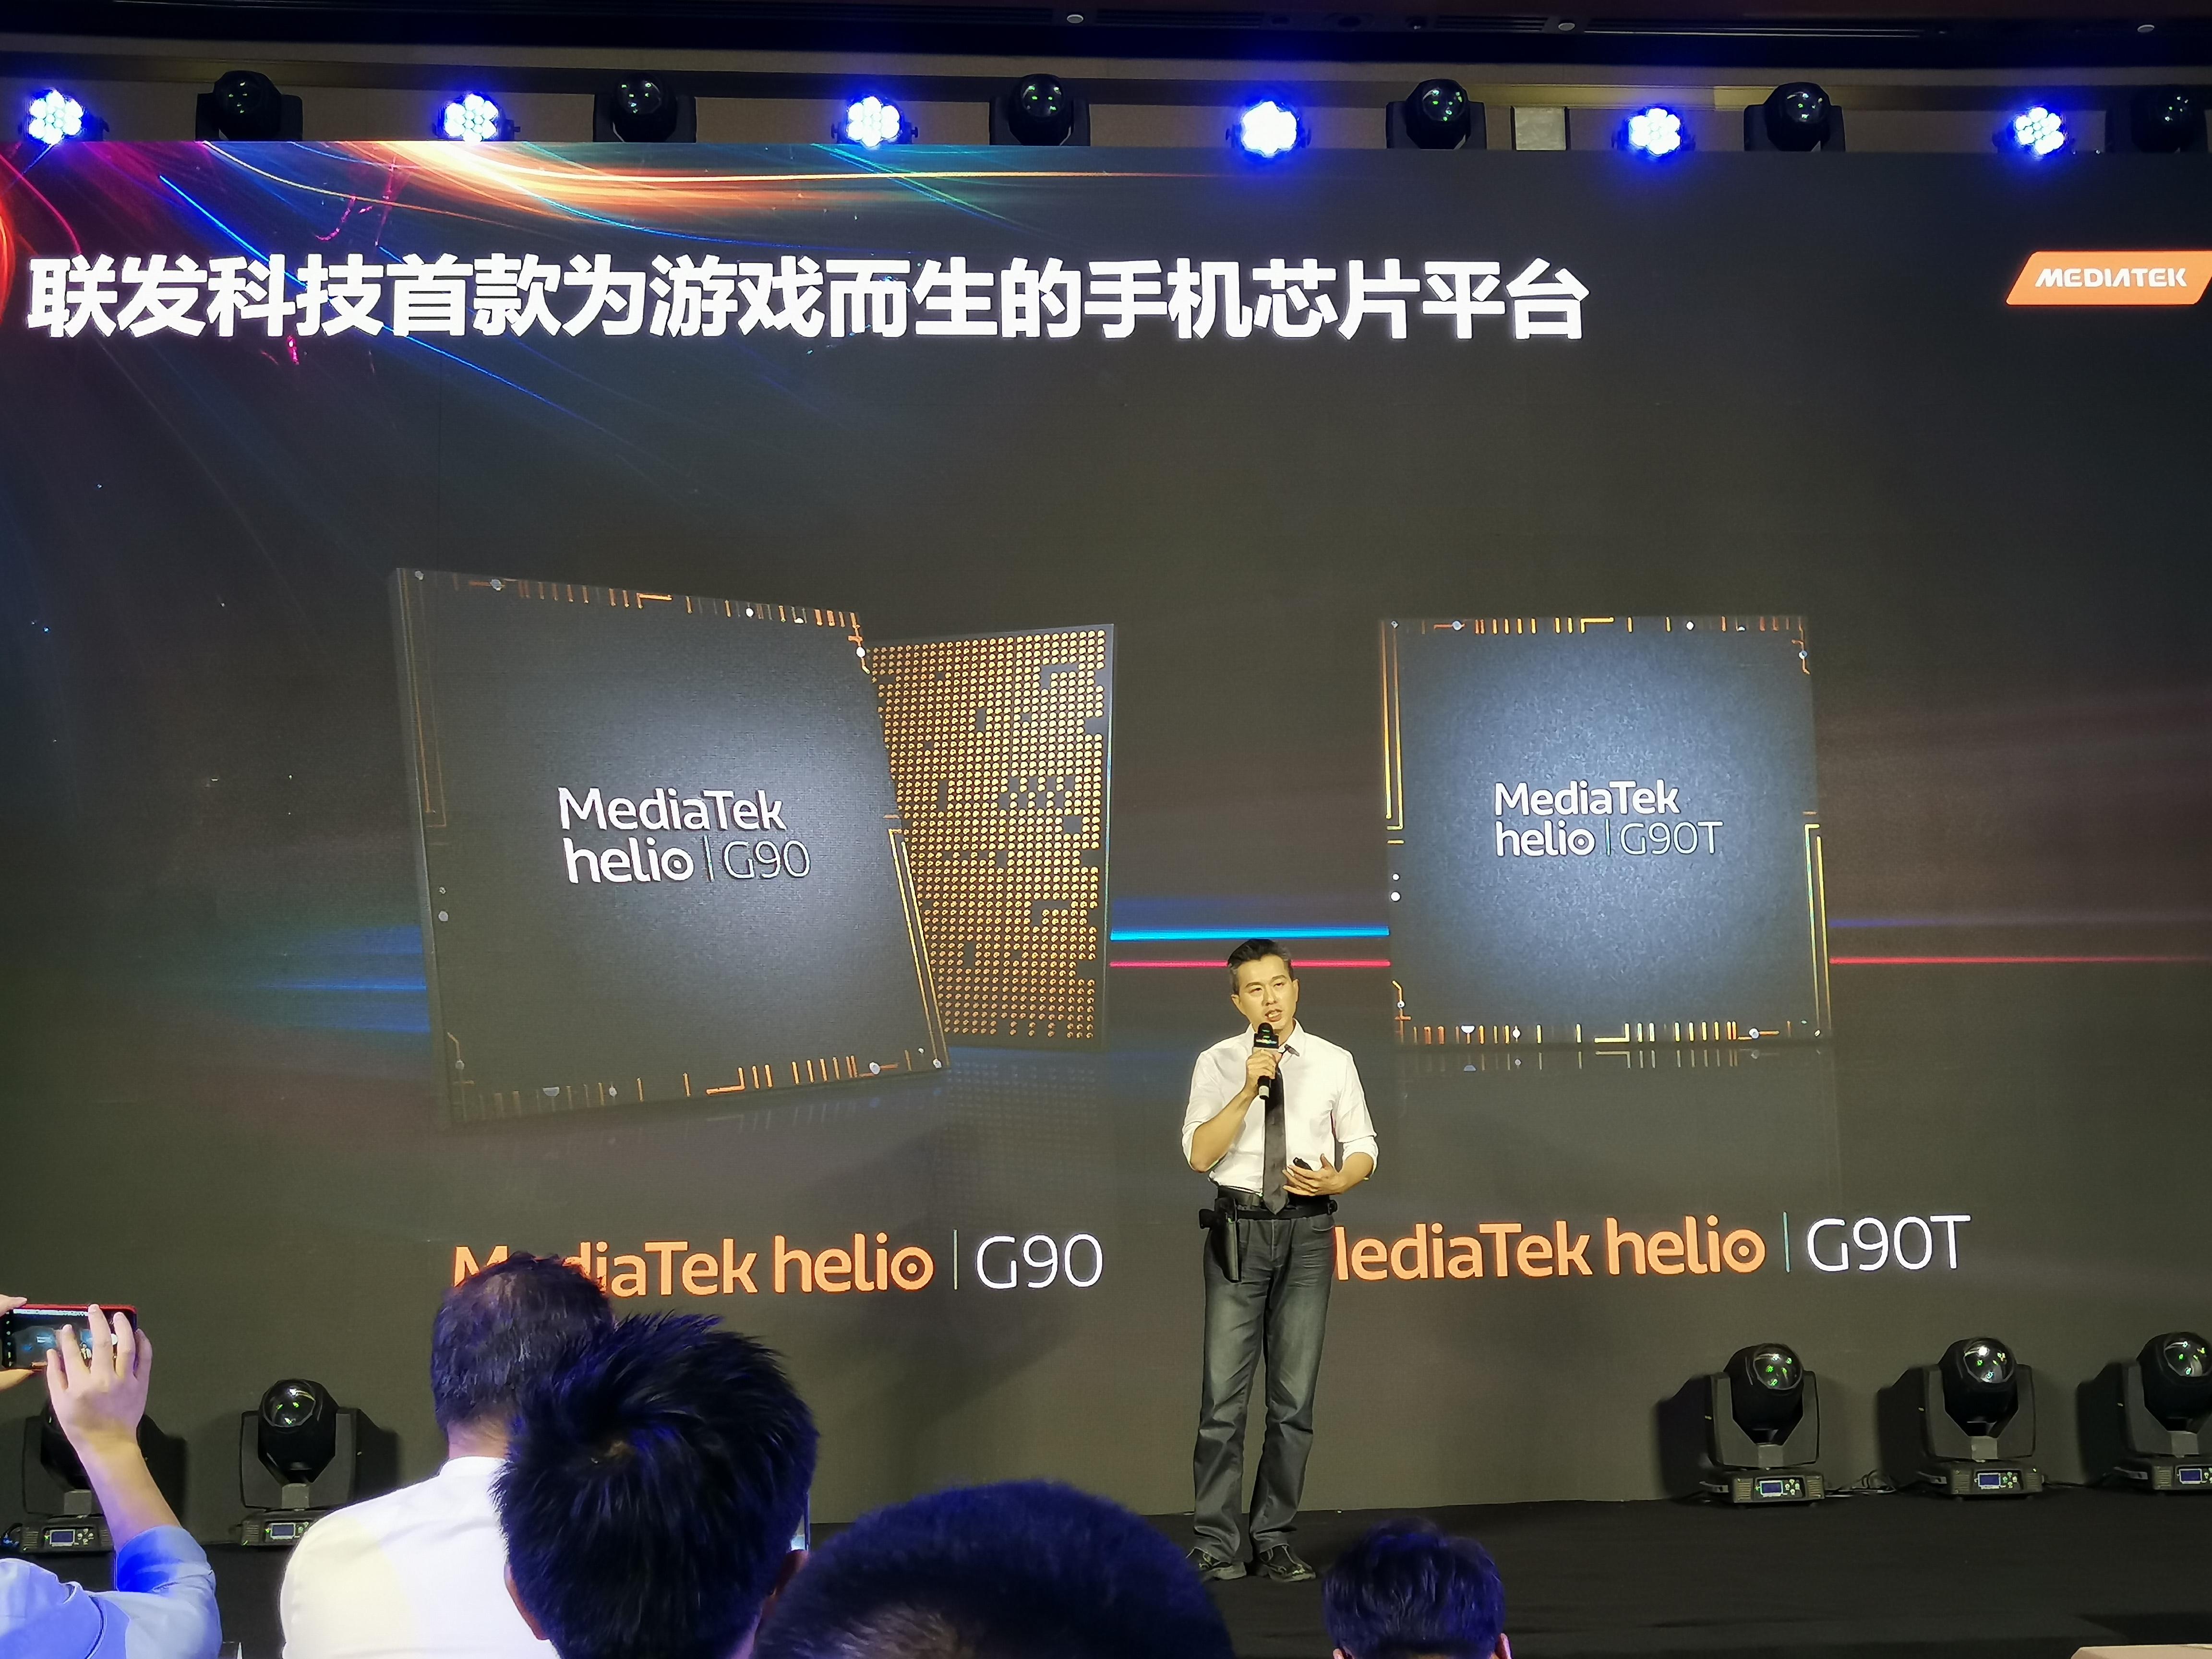 联发科首款游戏芯片Helio G90即将面世